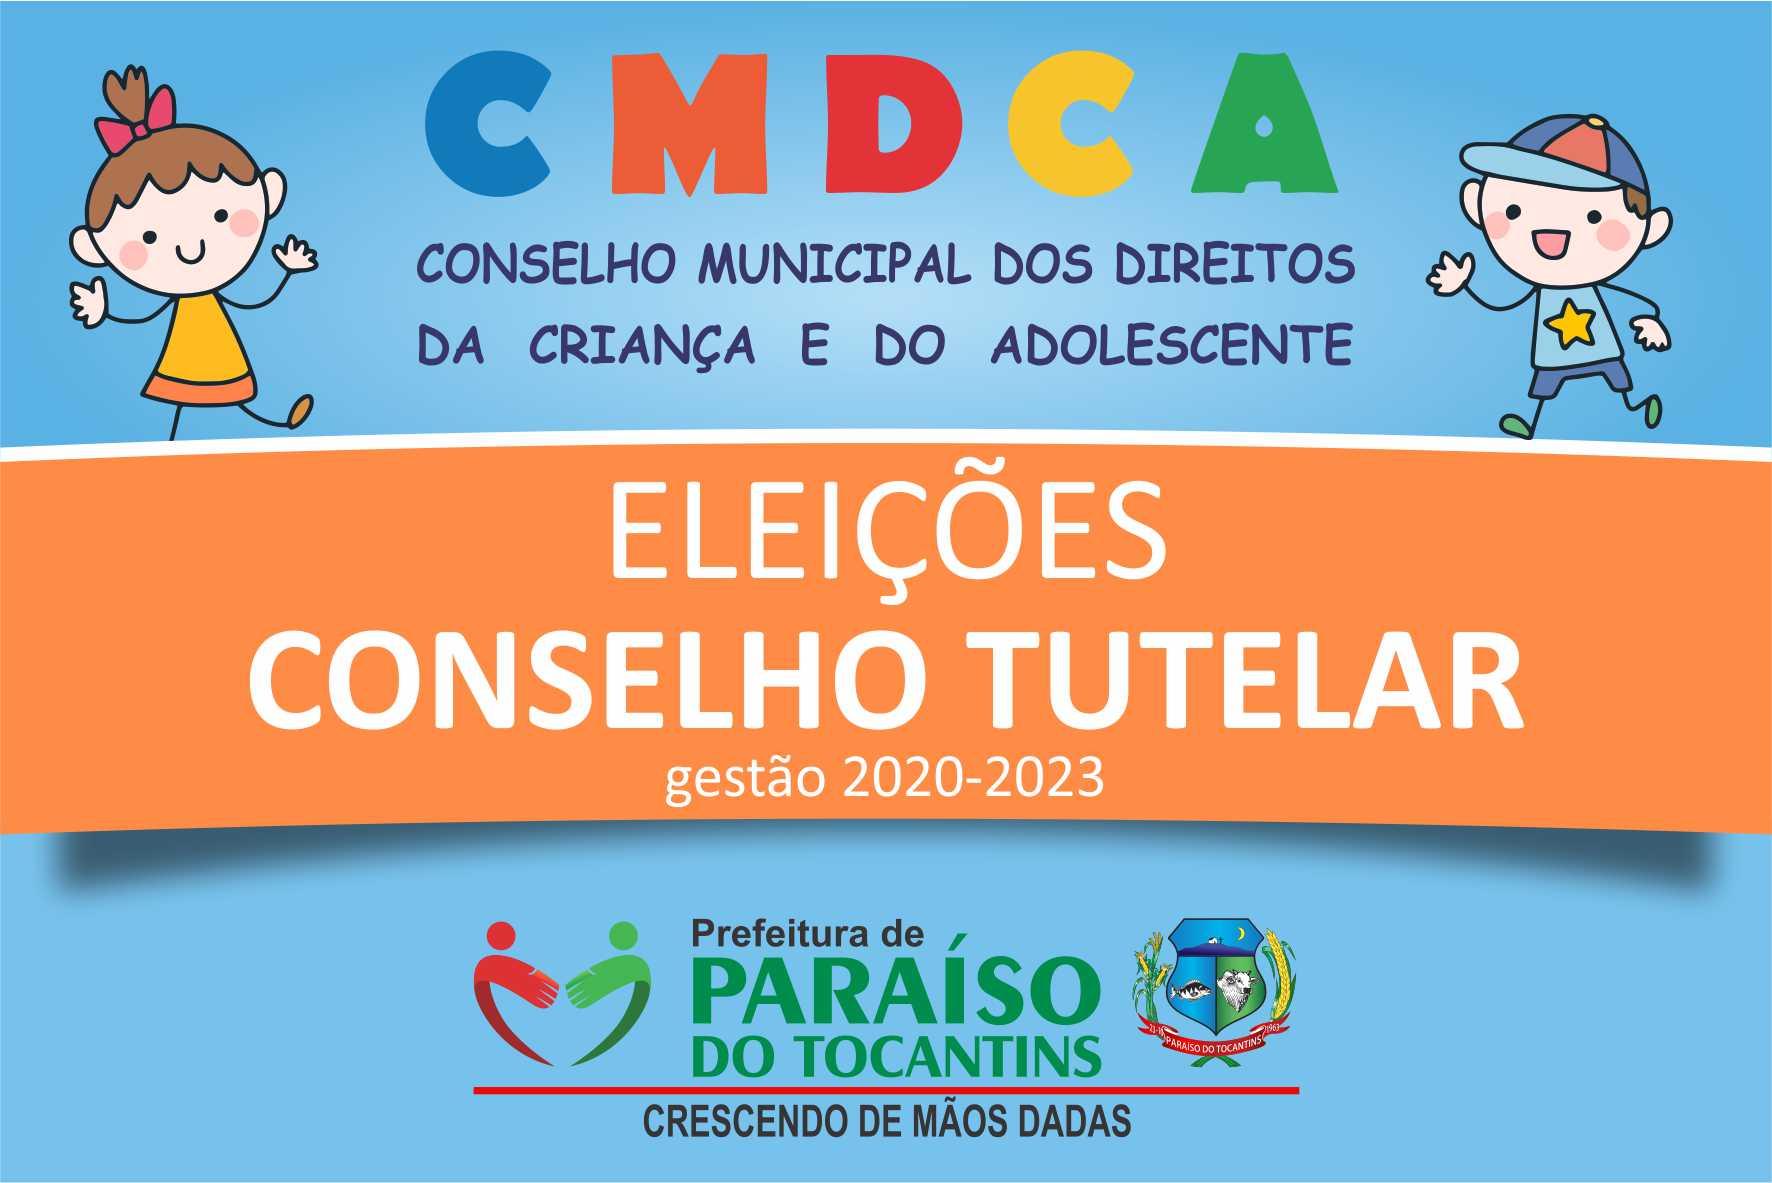 Divulgada lista de candidatos inscritos no processo de escolha para Conselheiros Tutelares